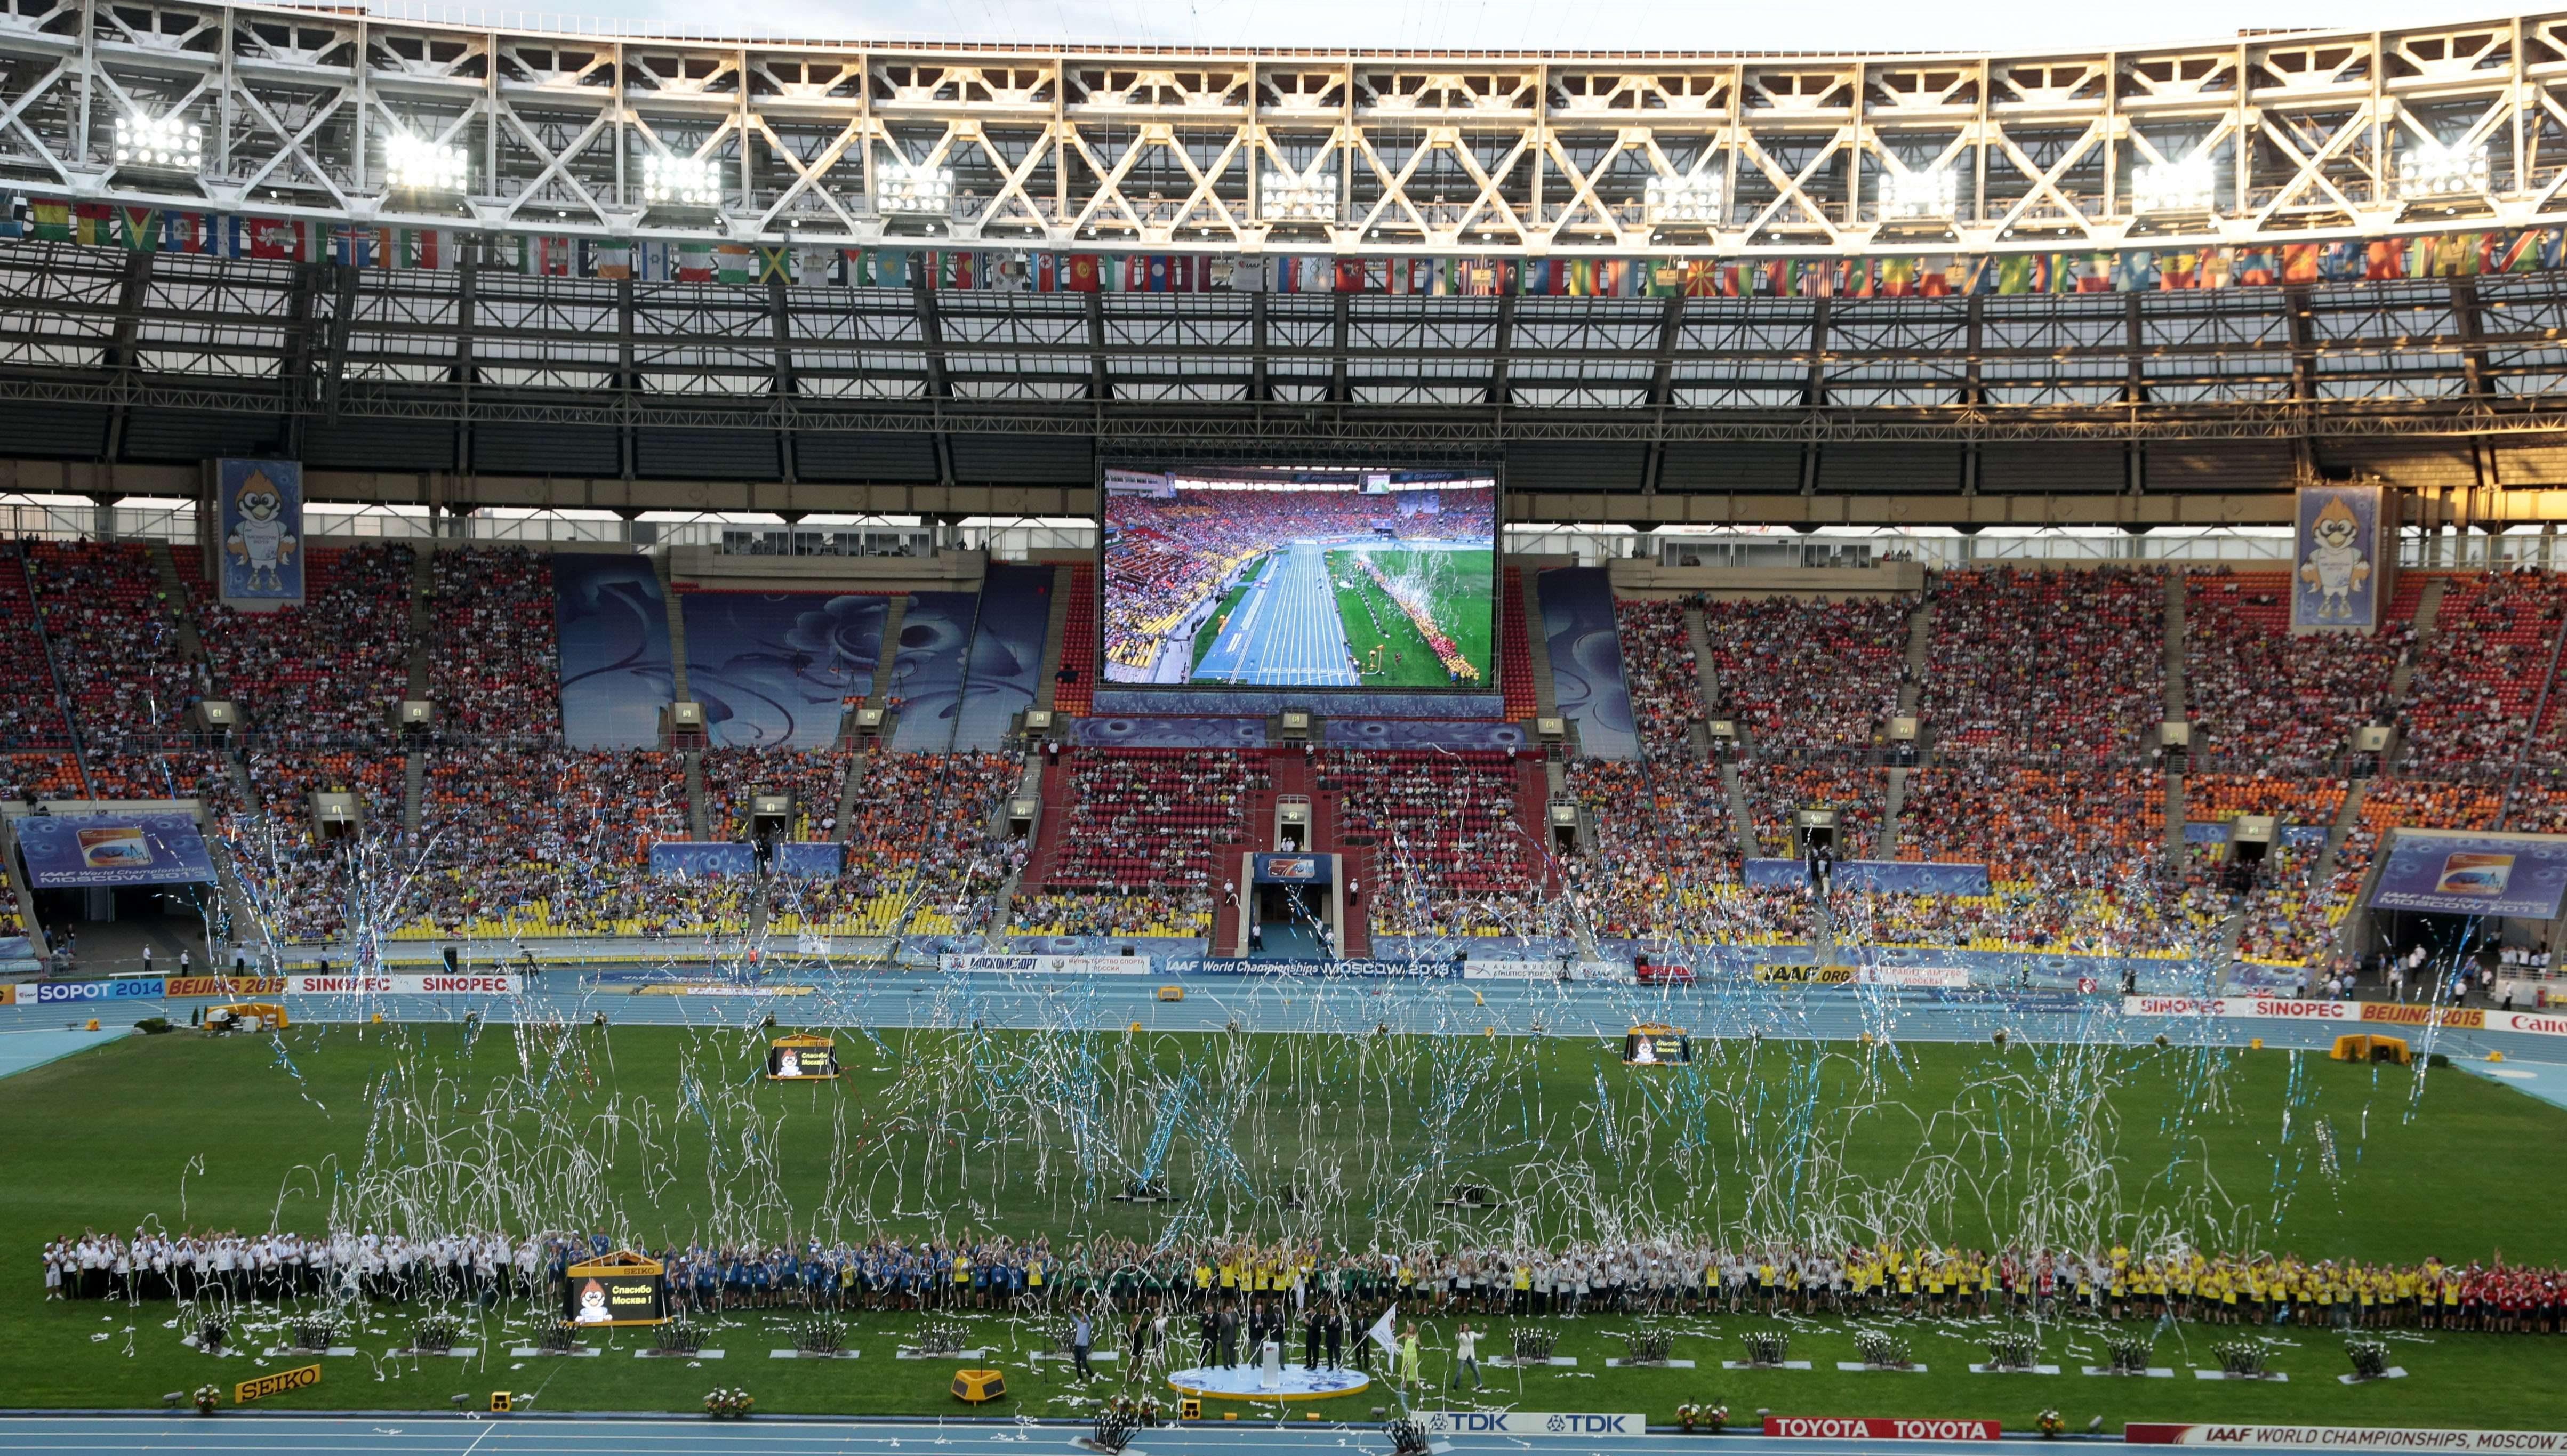 Cérémonie de clôture des Championnats du monde d'athlétisme au stade Luzhniki de Moscou, en Russie, le dimanche 18 août 2013.